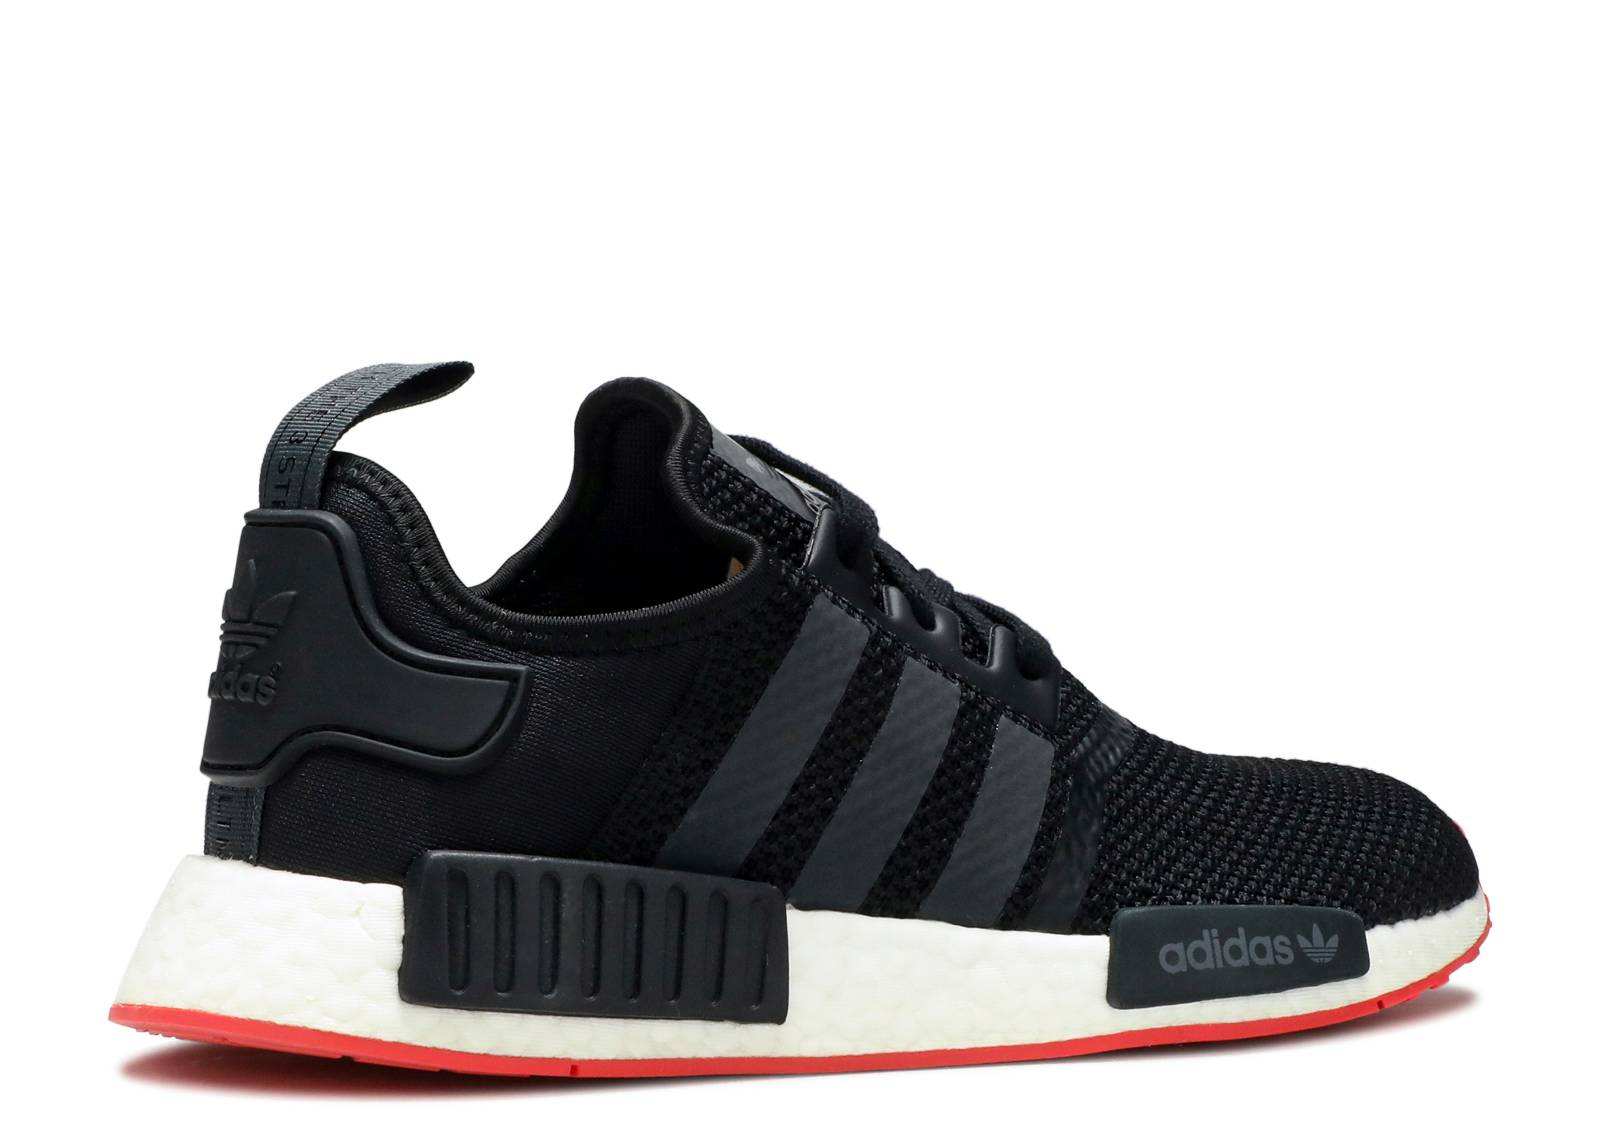 NMD R1 - Adidas - CQ2413 - black white infrared  a447c2e70